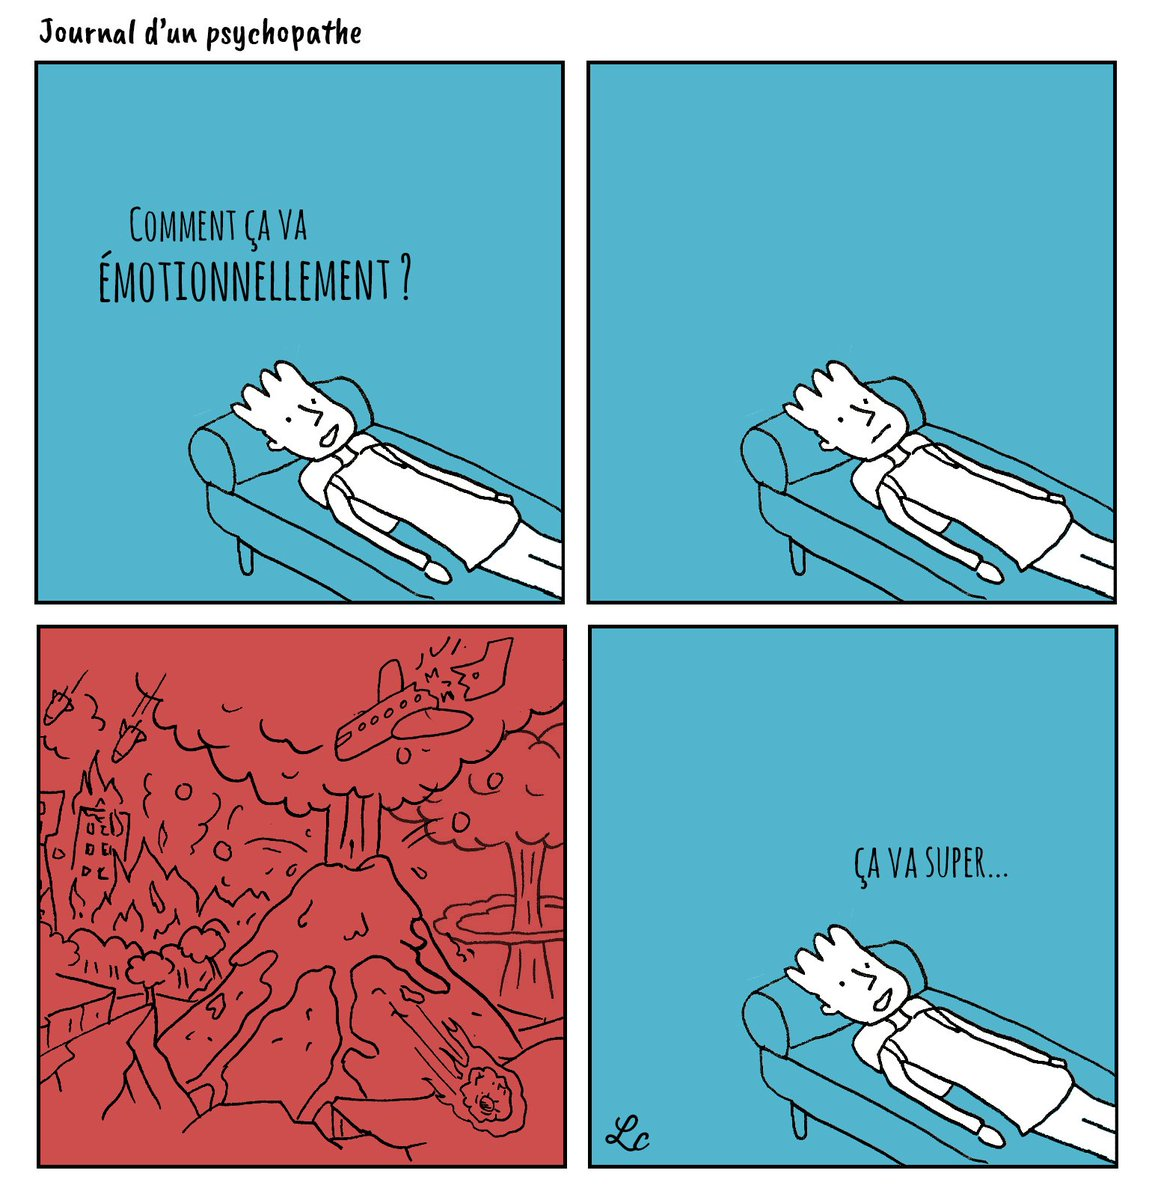 Journal Dun Psychopathe On Twitter Normal Asperger Autisme